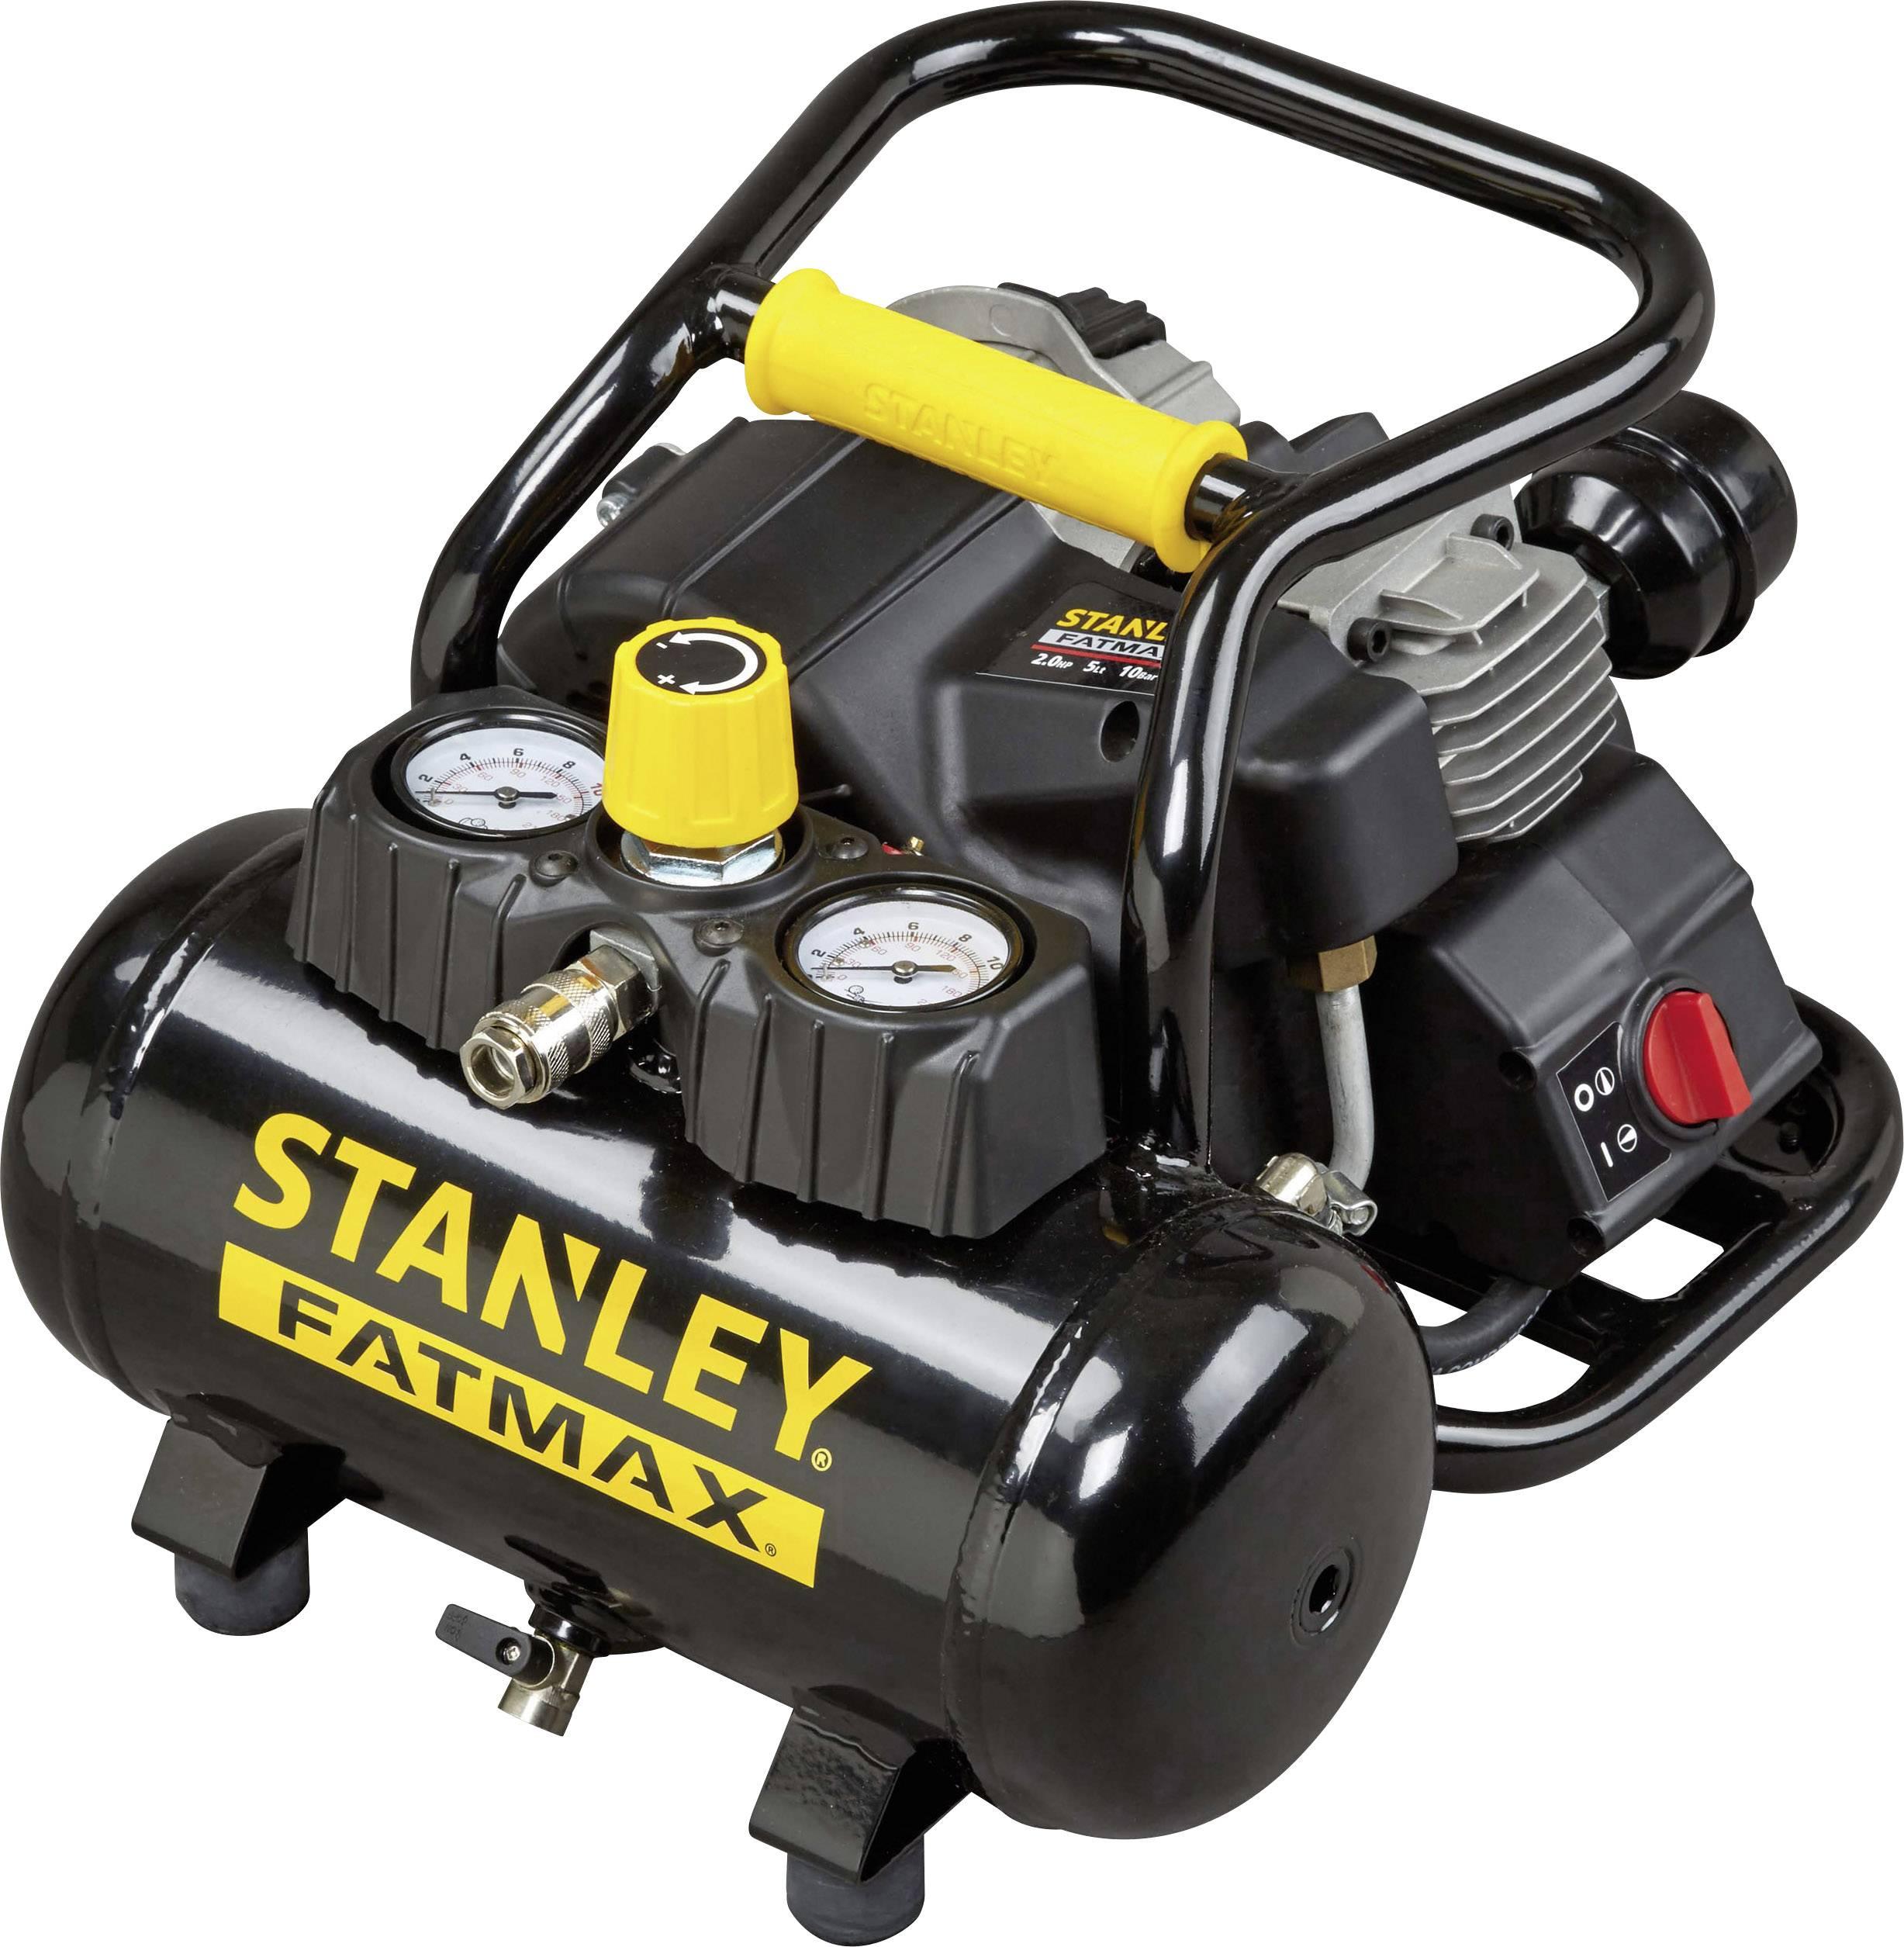 Air compressor 5 l 10 bar Stanley Fatmax FATMAX | Conrad com